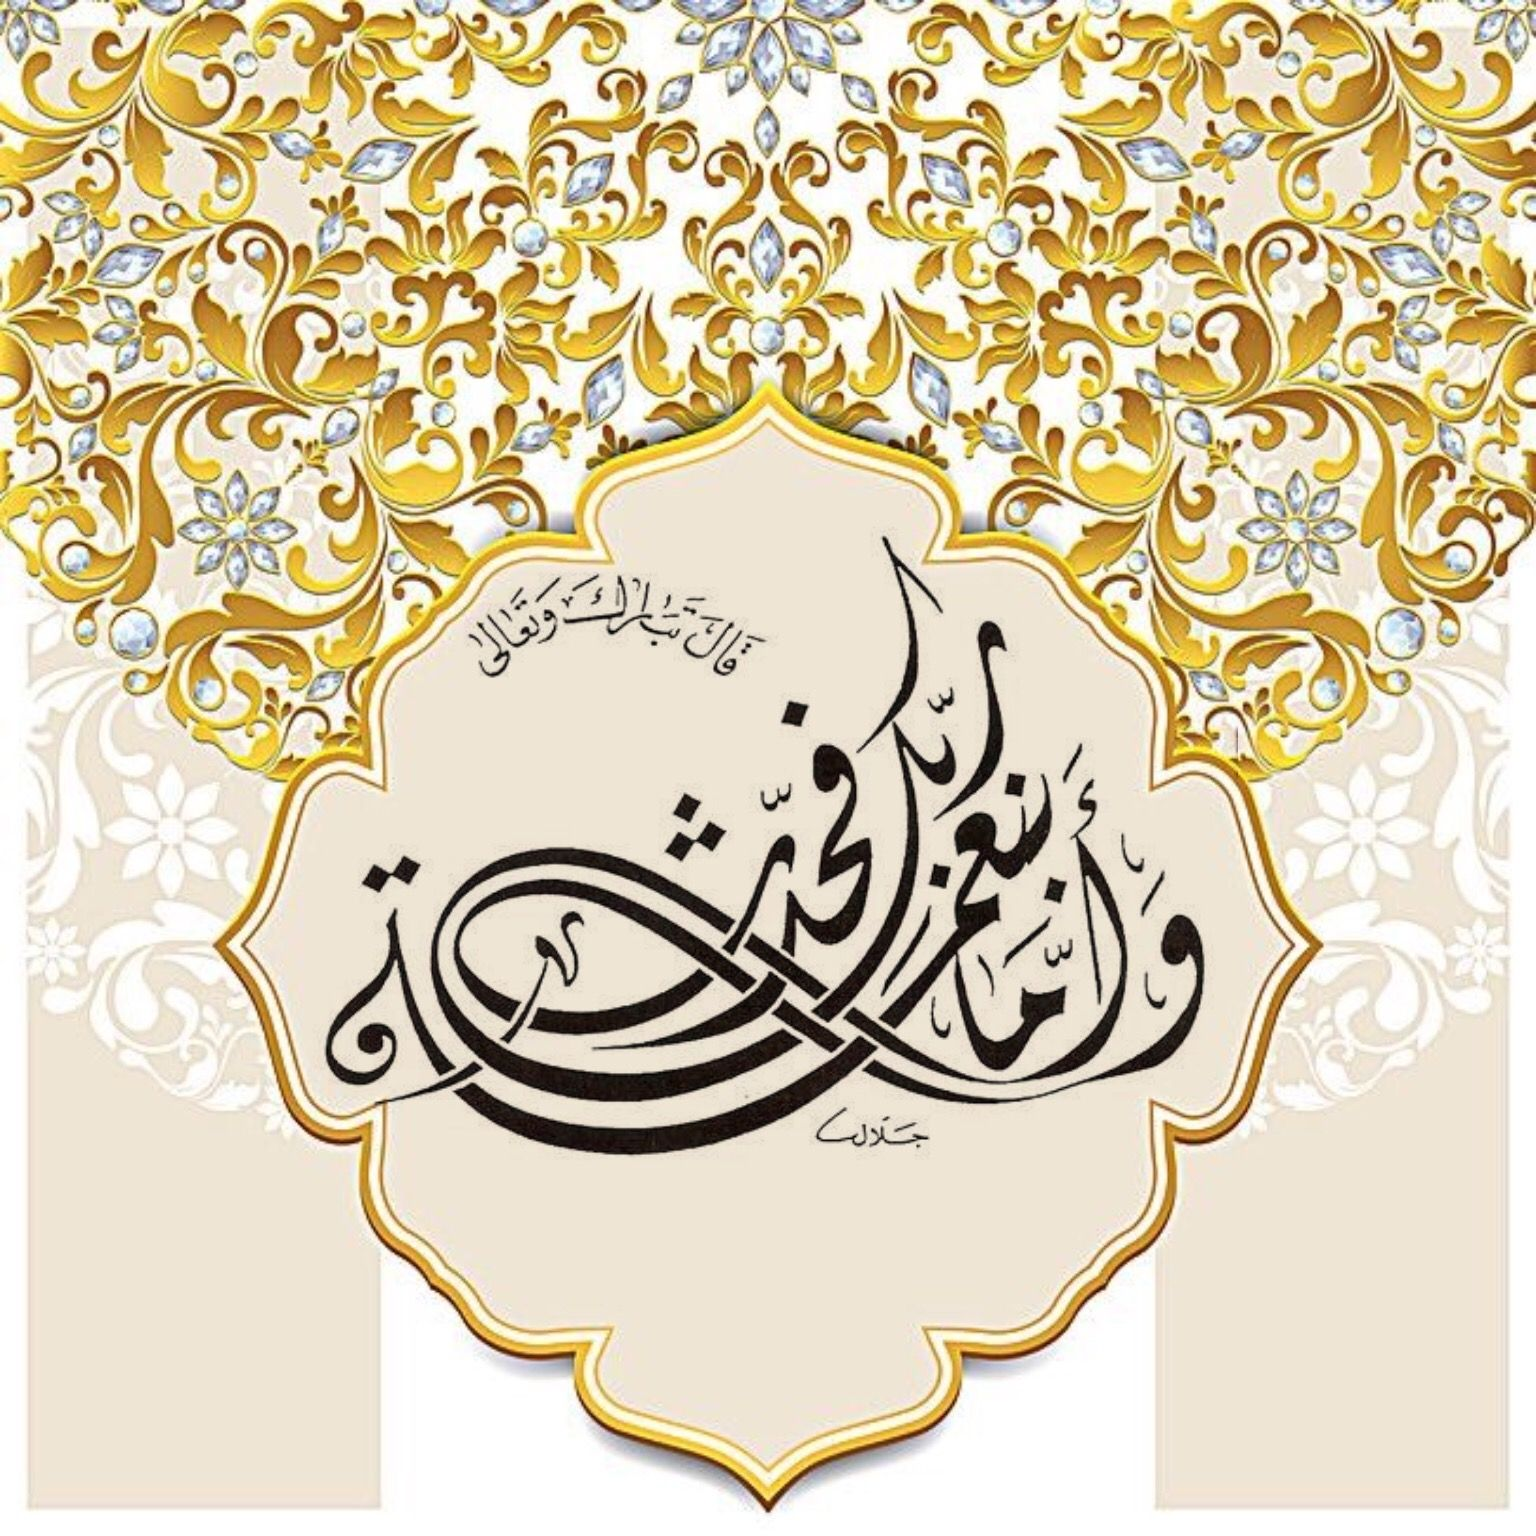 وأما بنعمة ربك فحد ث Art Cards Arabic Calligraphy